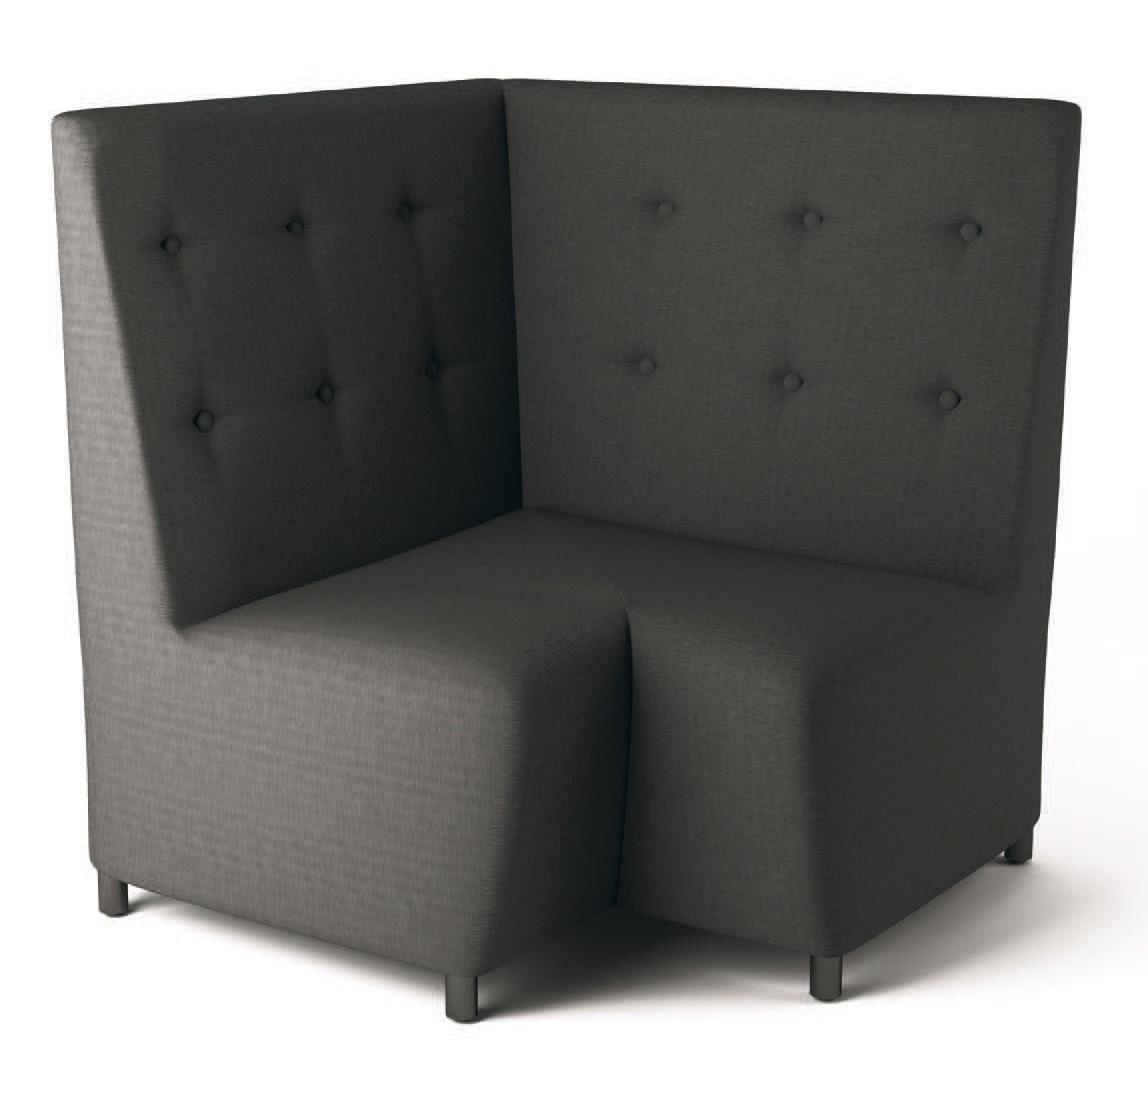 PL Ciel, Sofa modulaire avec cadre en bois, pour le bureau